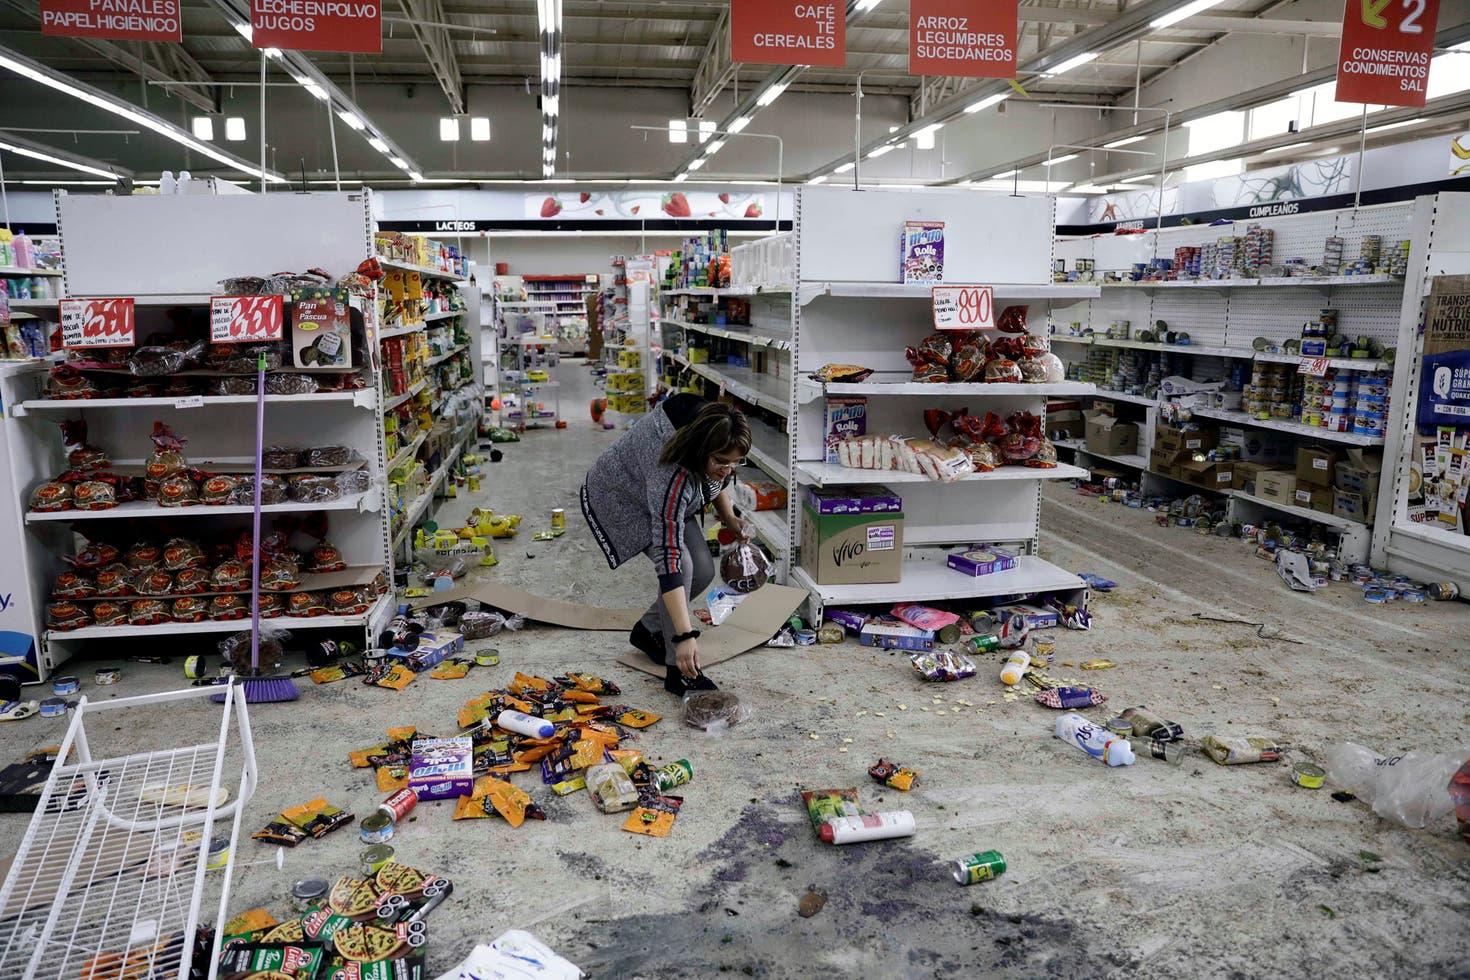 Image result for supermercado destruido chile